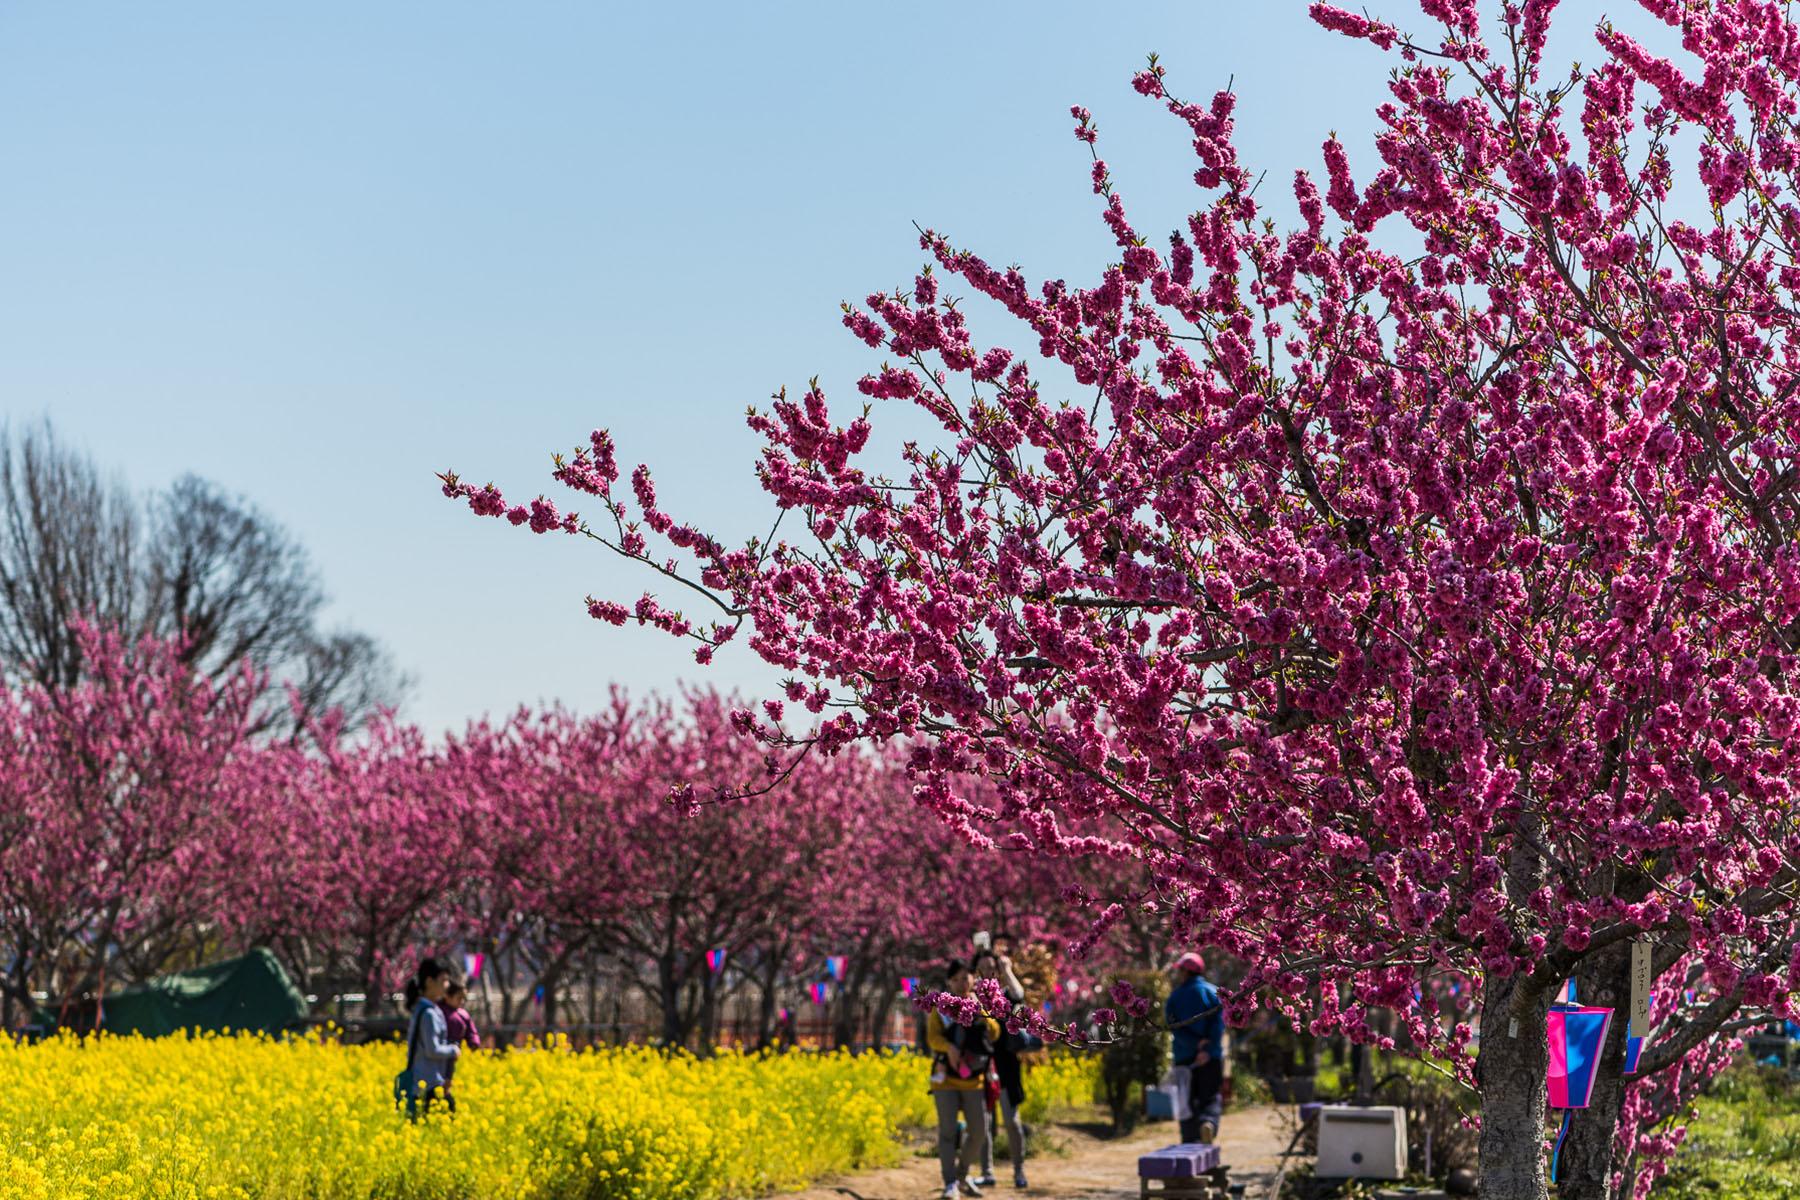 中川やしお花桃まつり 中川やしおフラワーパーク